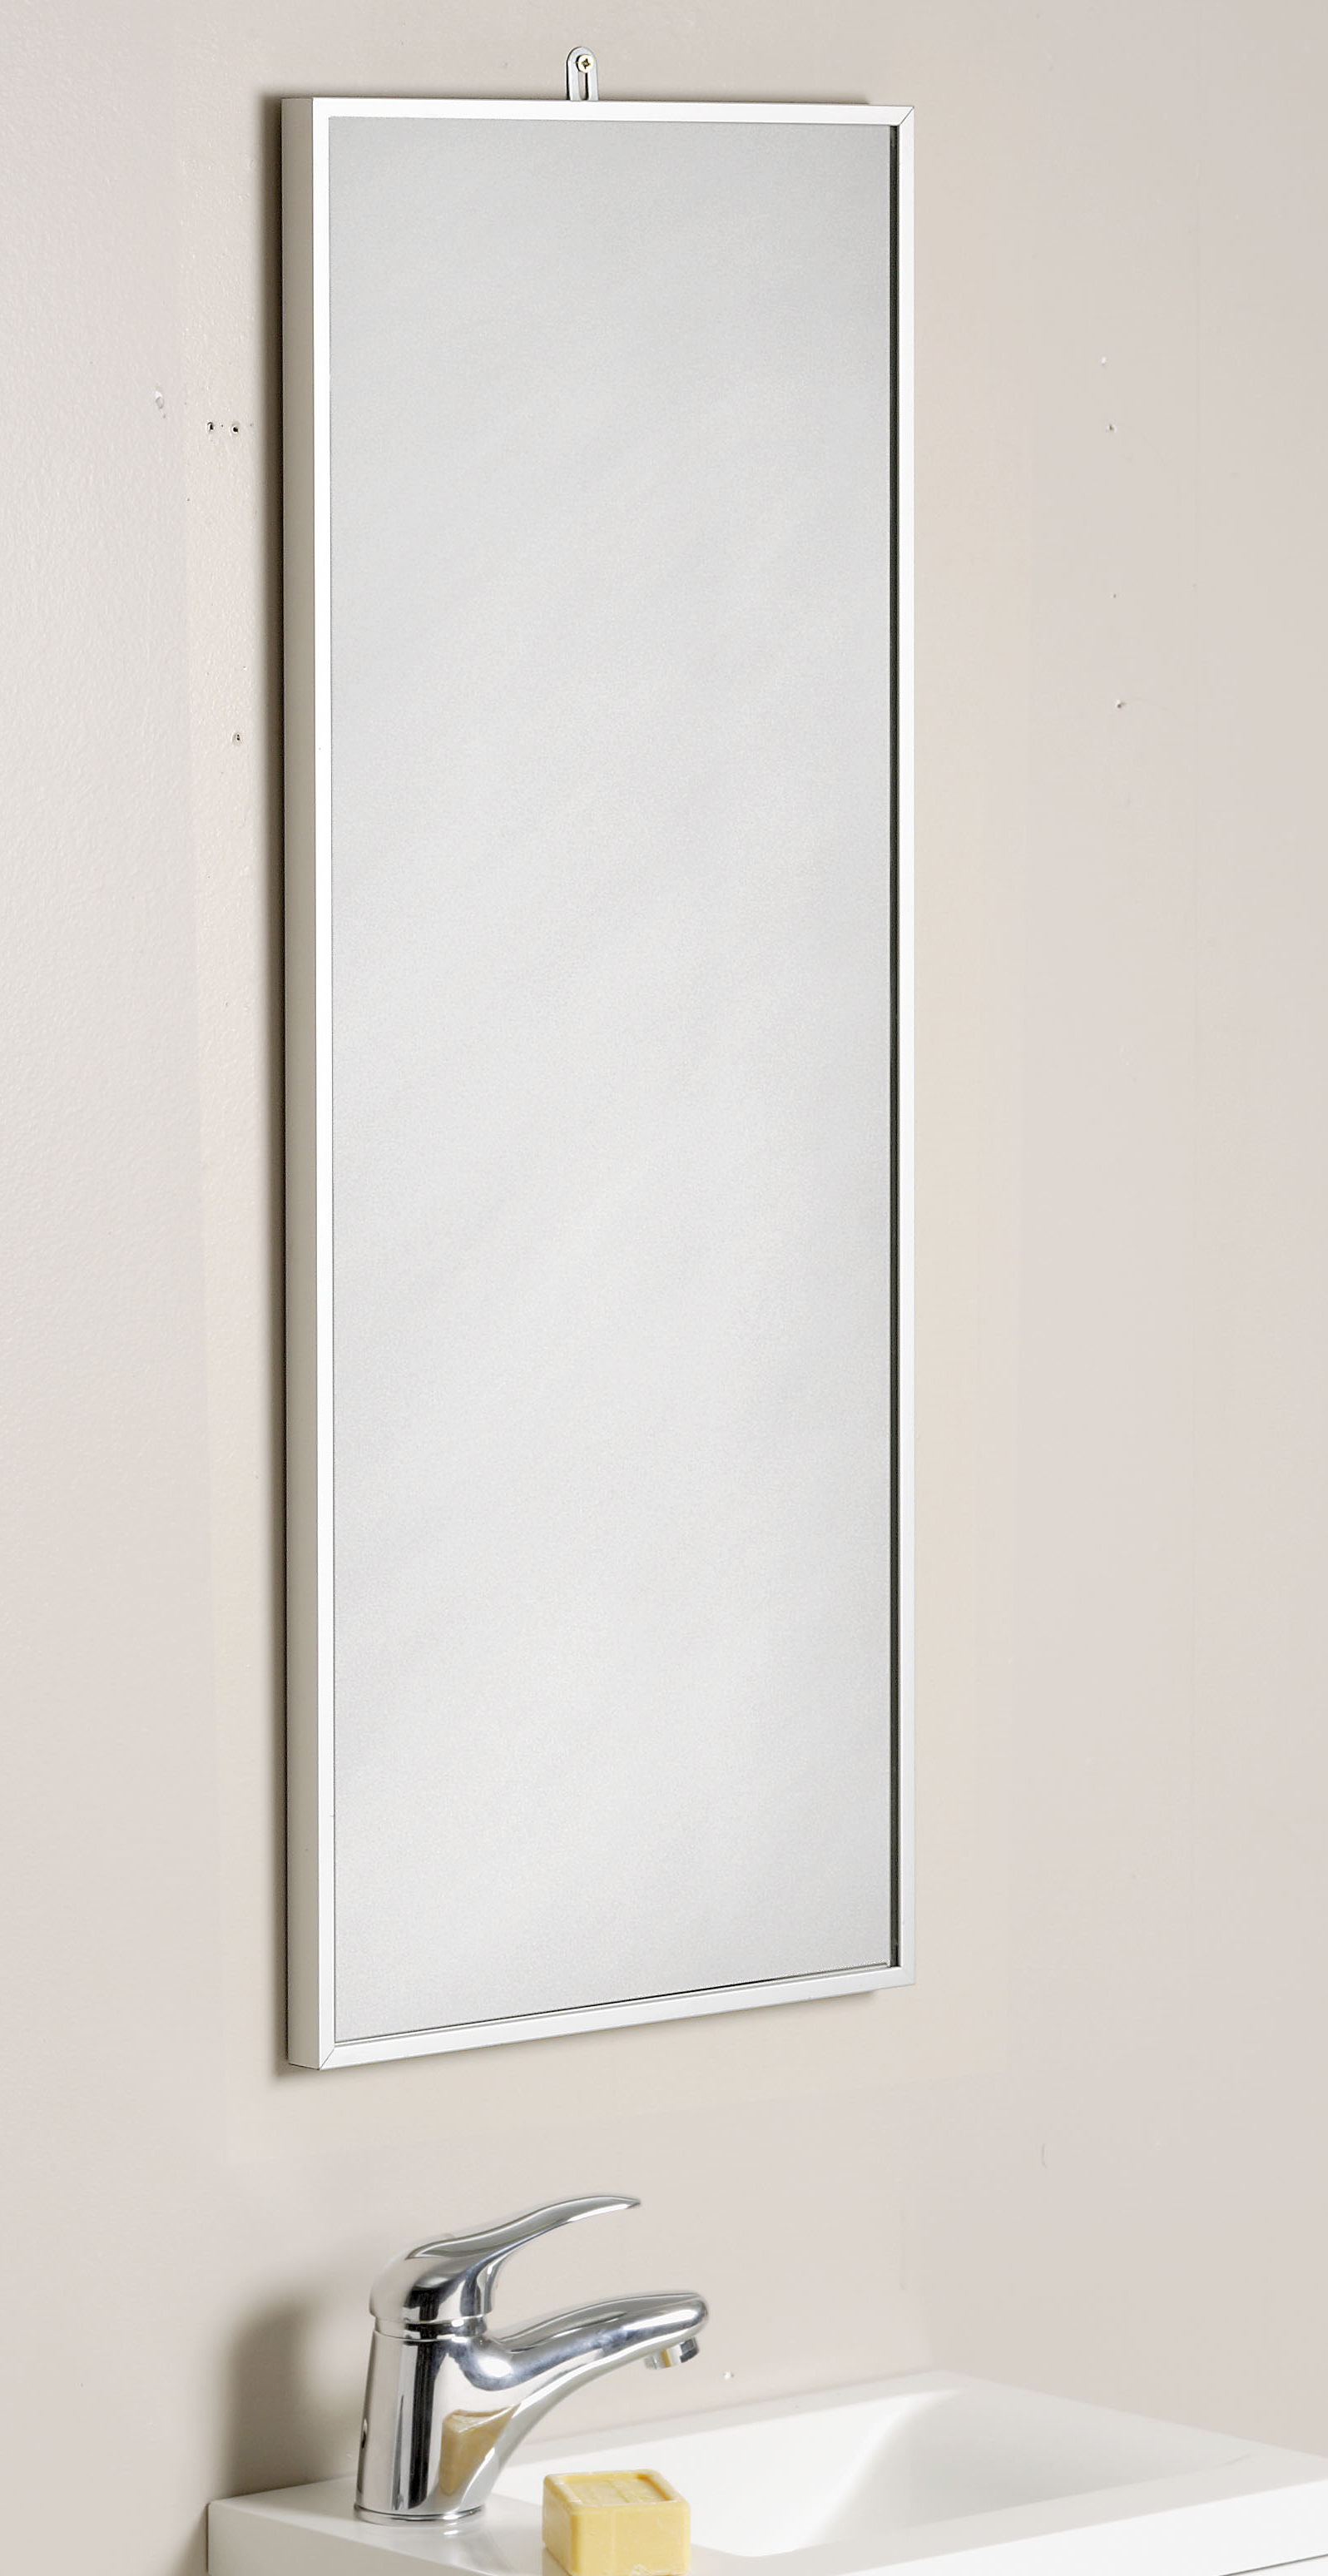 Miroir miroir cap aquarine pro for Miroir hd pro